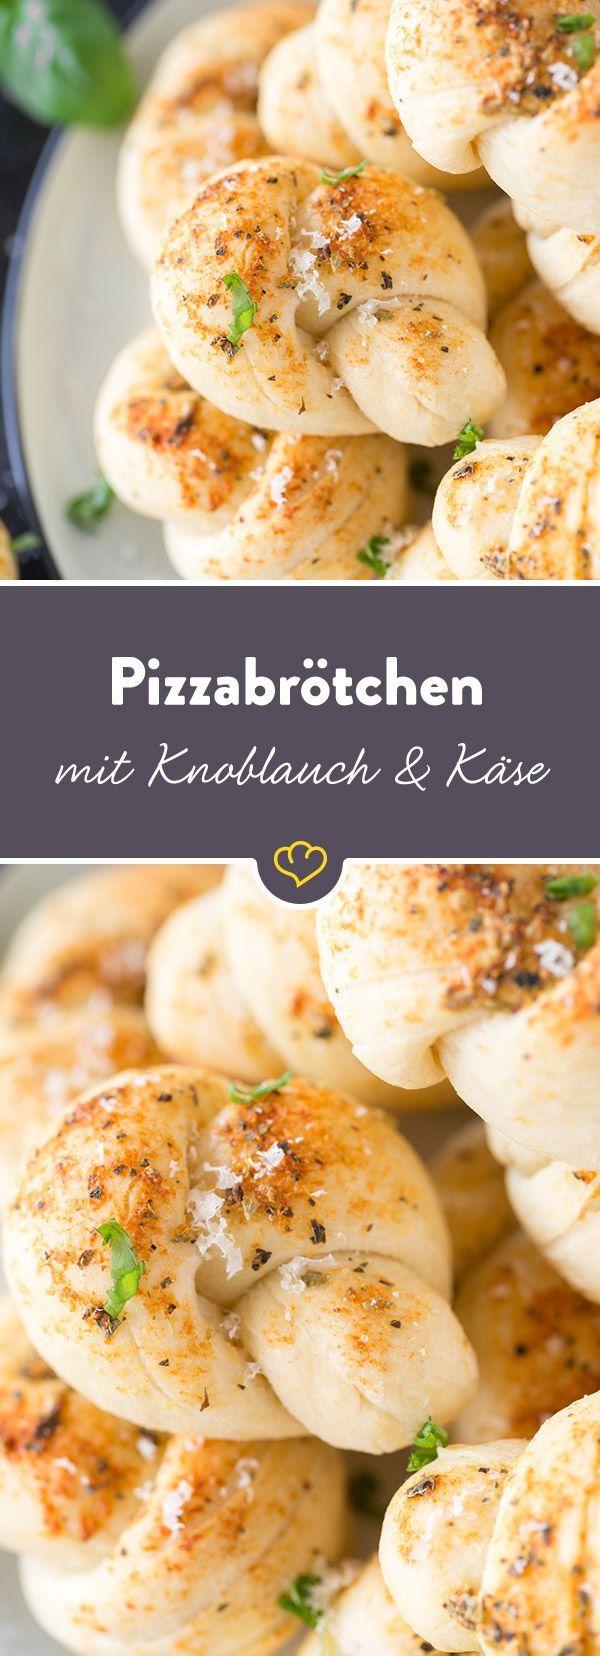 Pizzabrötchen, eng verschlungen: Würzige Knoblauch-Parmesan-Knötchen – herzelieb – mein Foodblog aus dem Norden